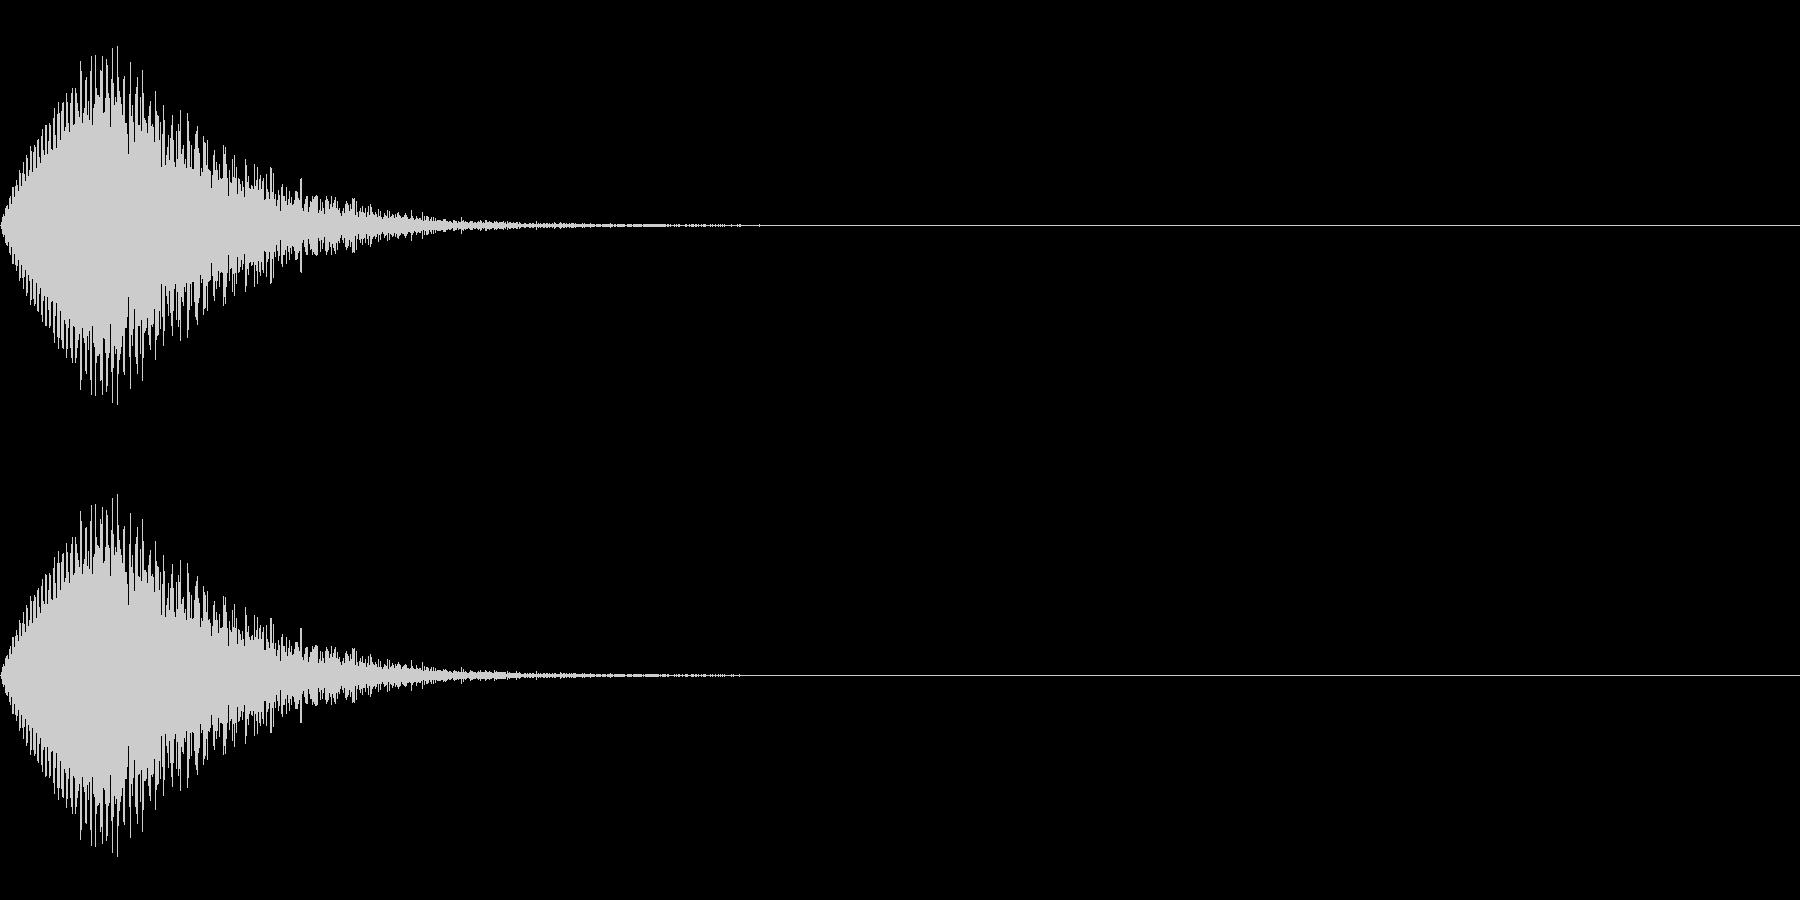 パワーダウン/ワープ/場面転換の未再生の波形